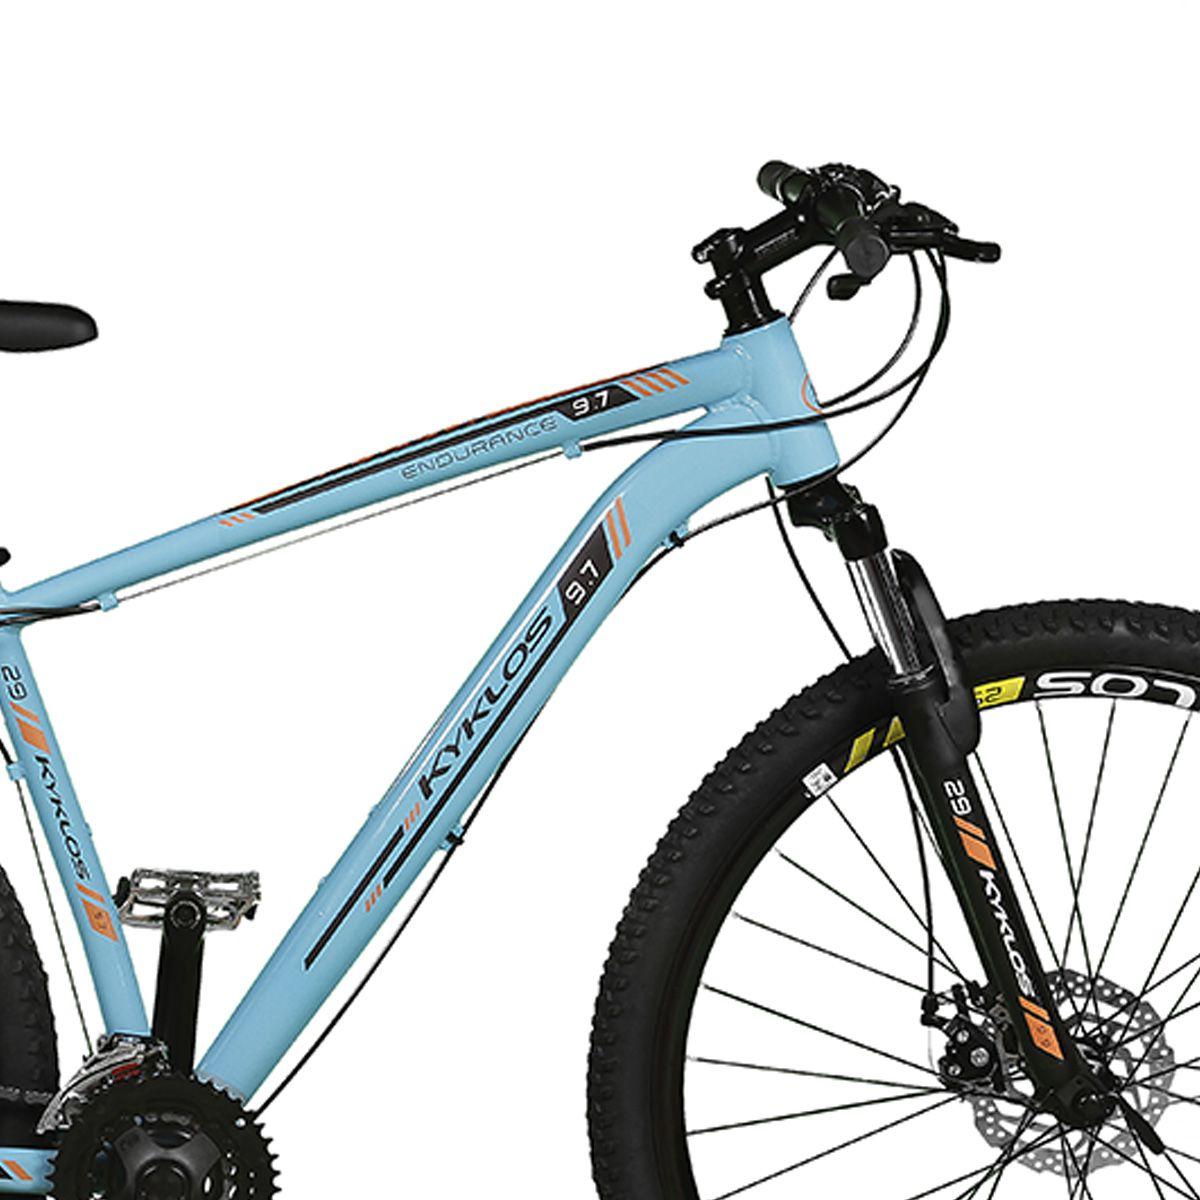 Bicicleta Kyklos Aro 29 Endurance 9.7 24V Freio a Disco com Suspensão A-36 Azul/Laranja